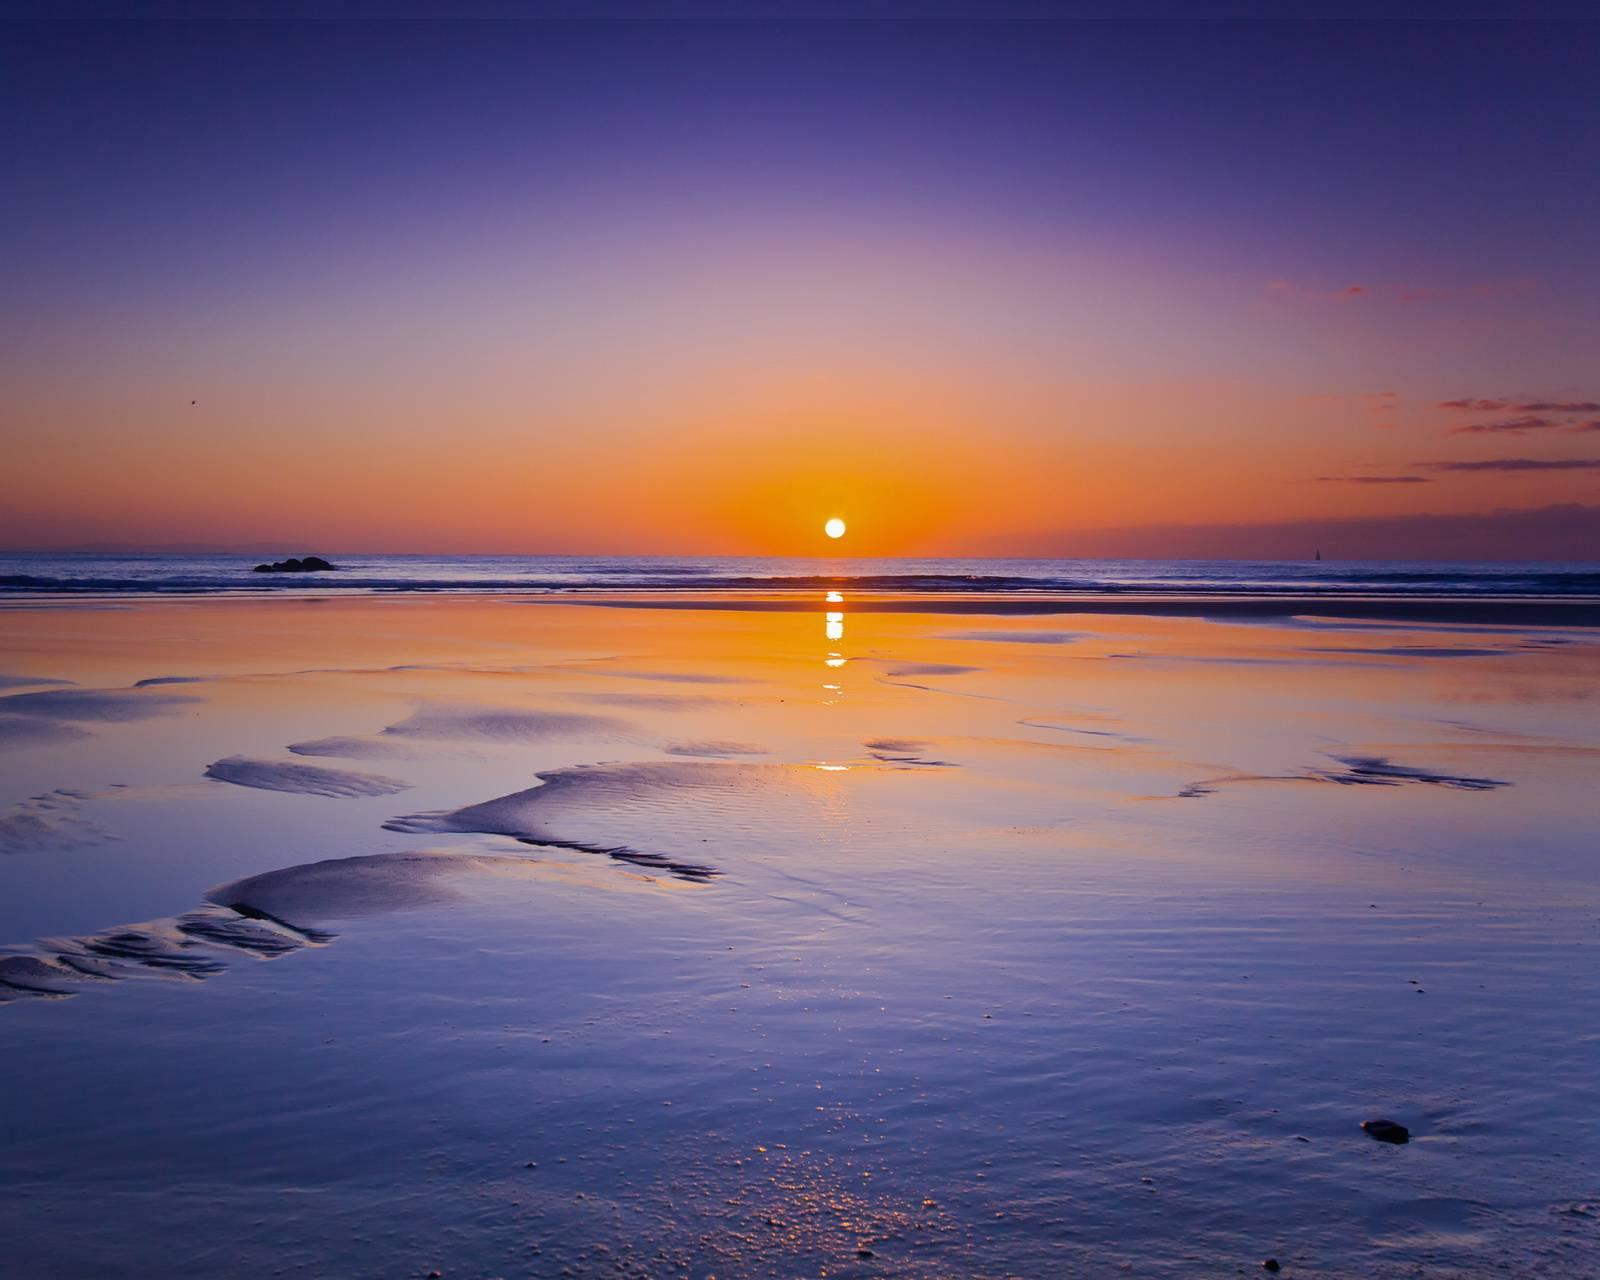 Sun Set Beach Hd